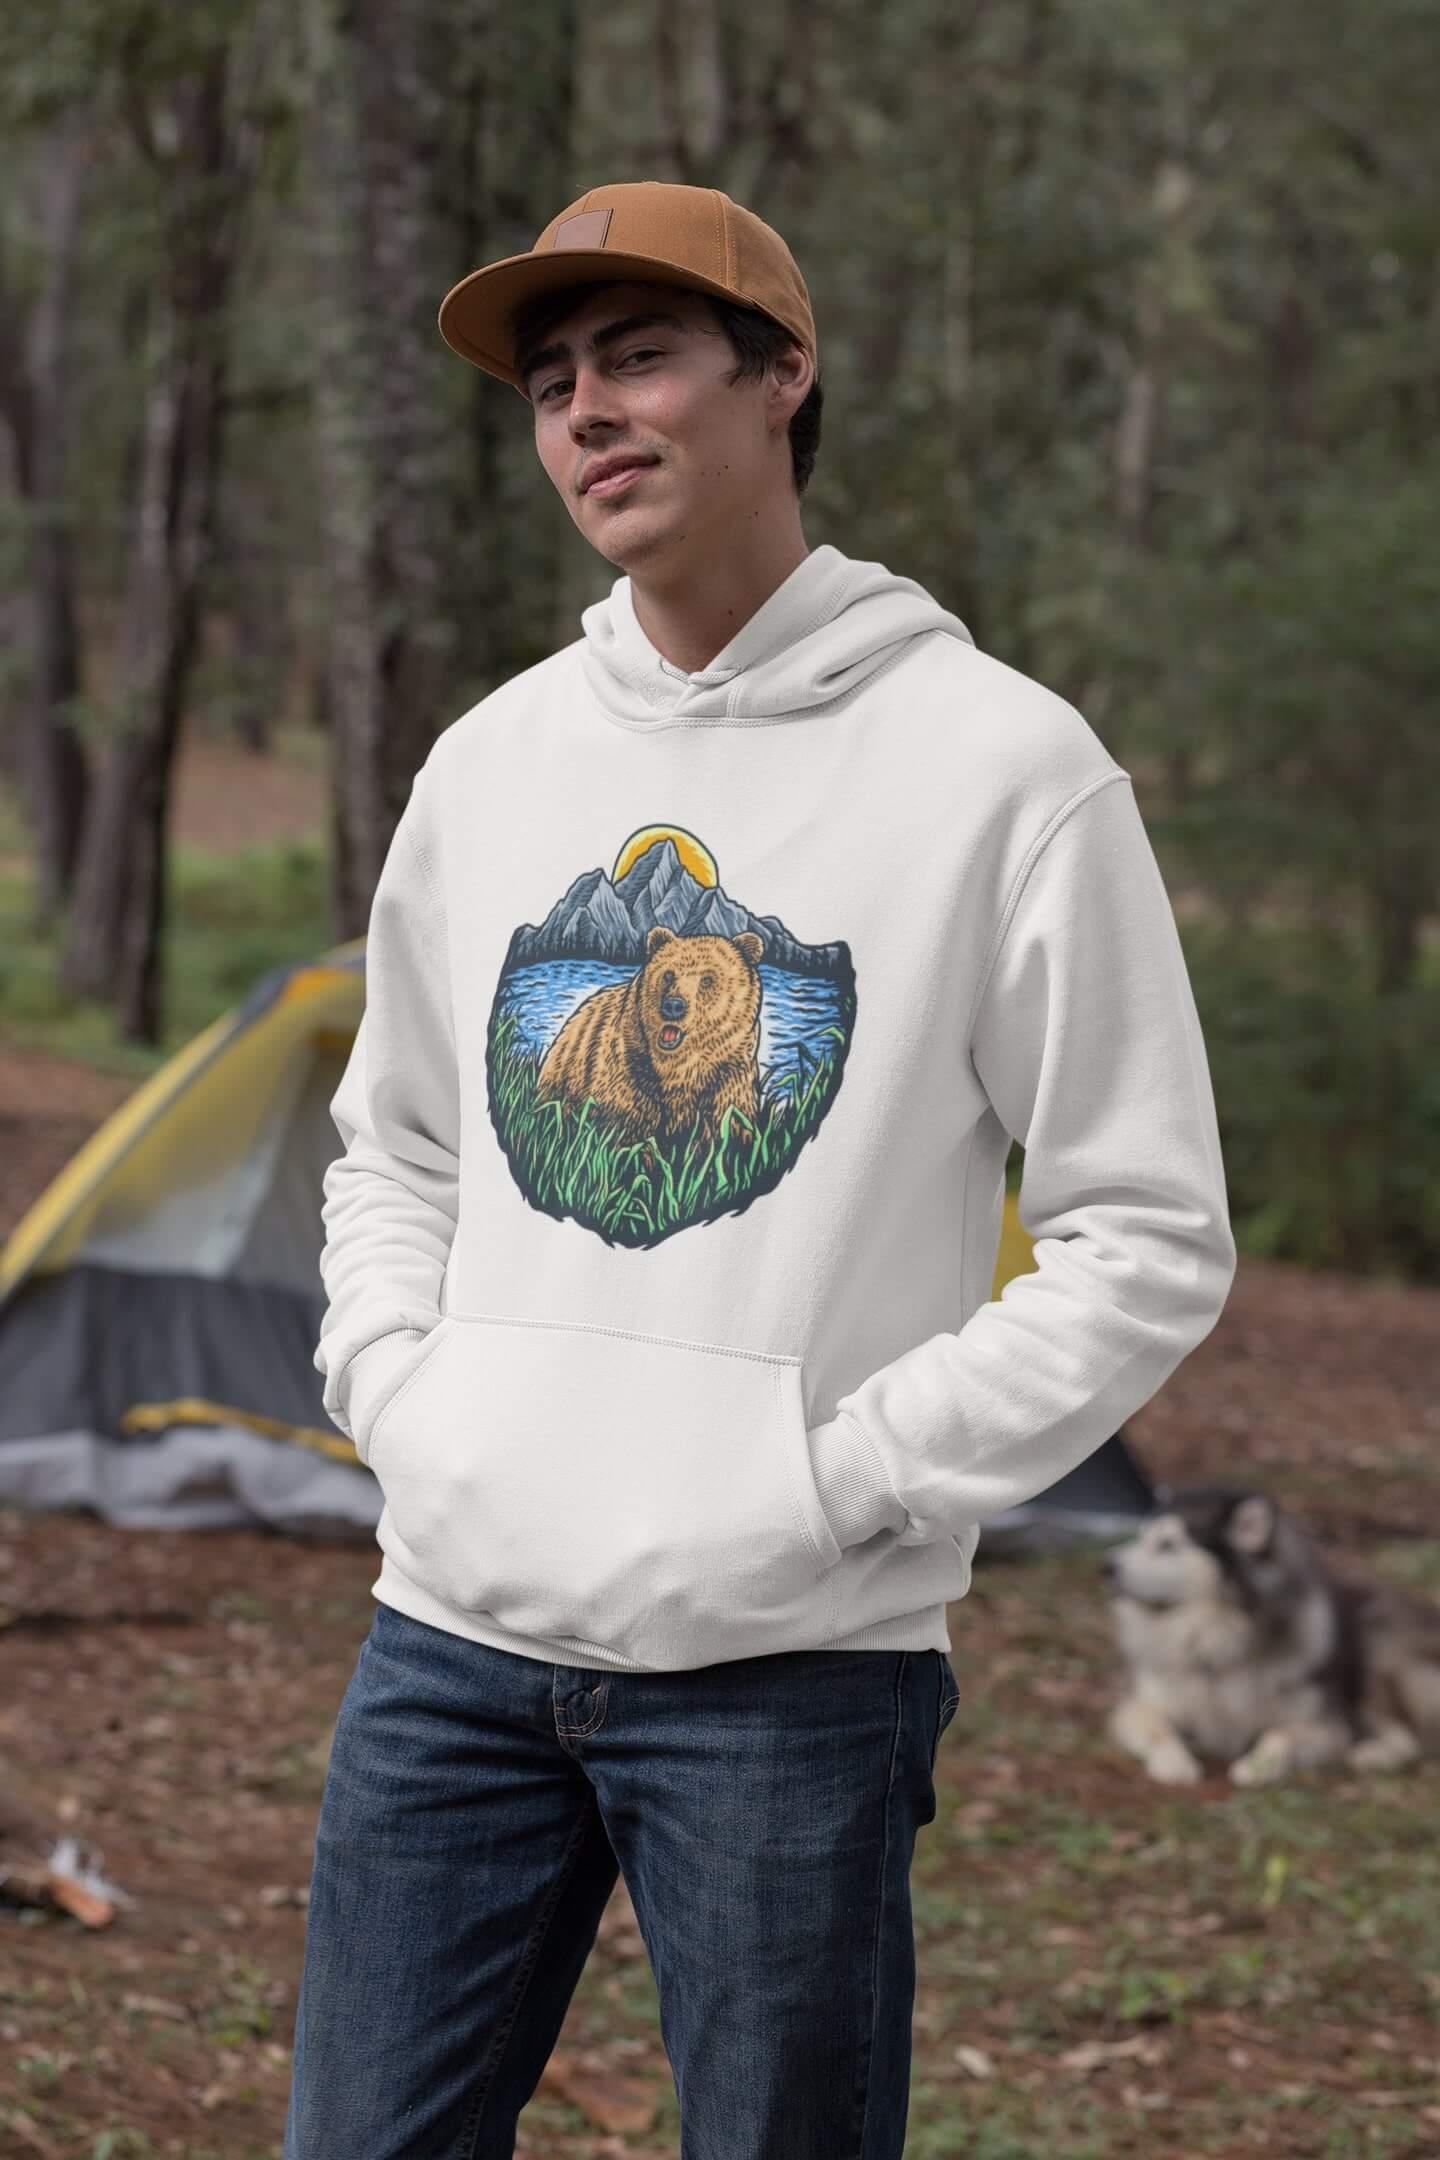 MMO Pánska mikina s kapucňou Bear Vyberte farbu: Biela, Vyberte veľkosť: M